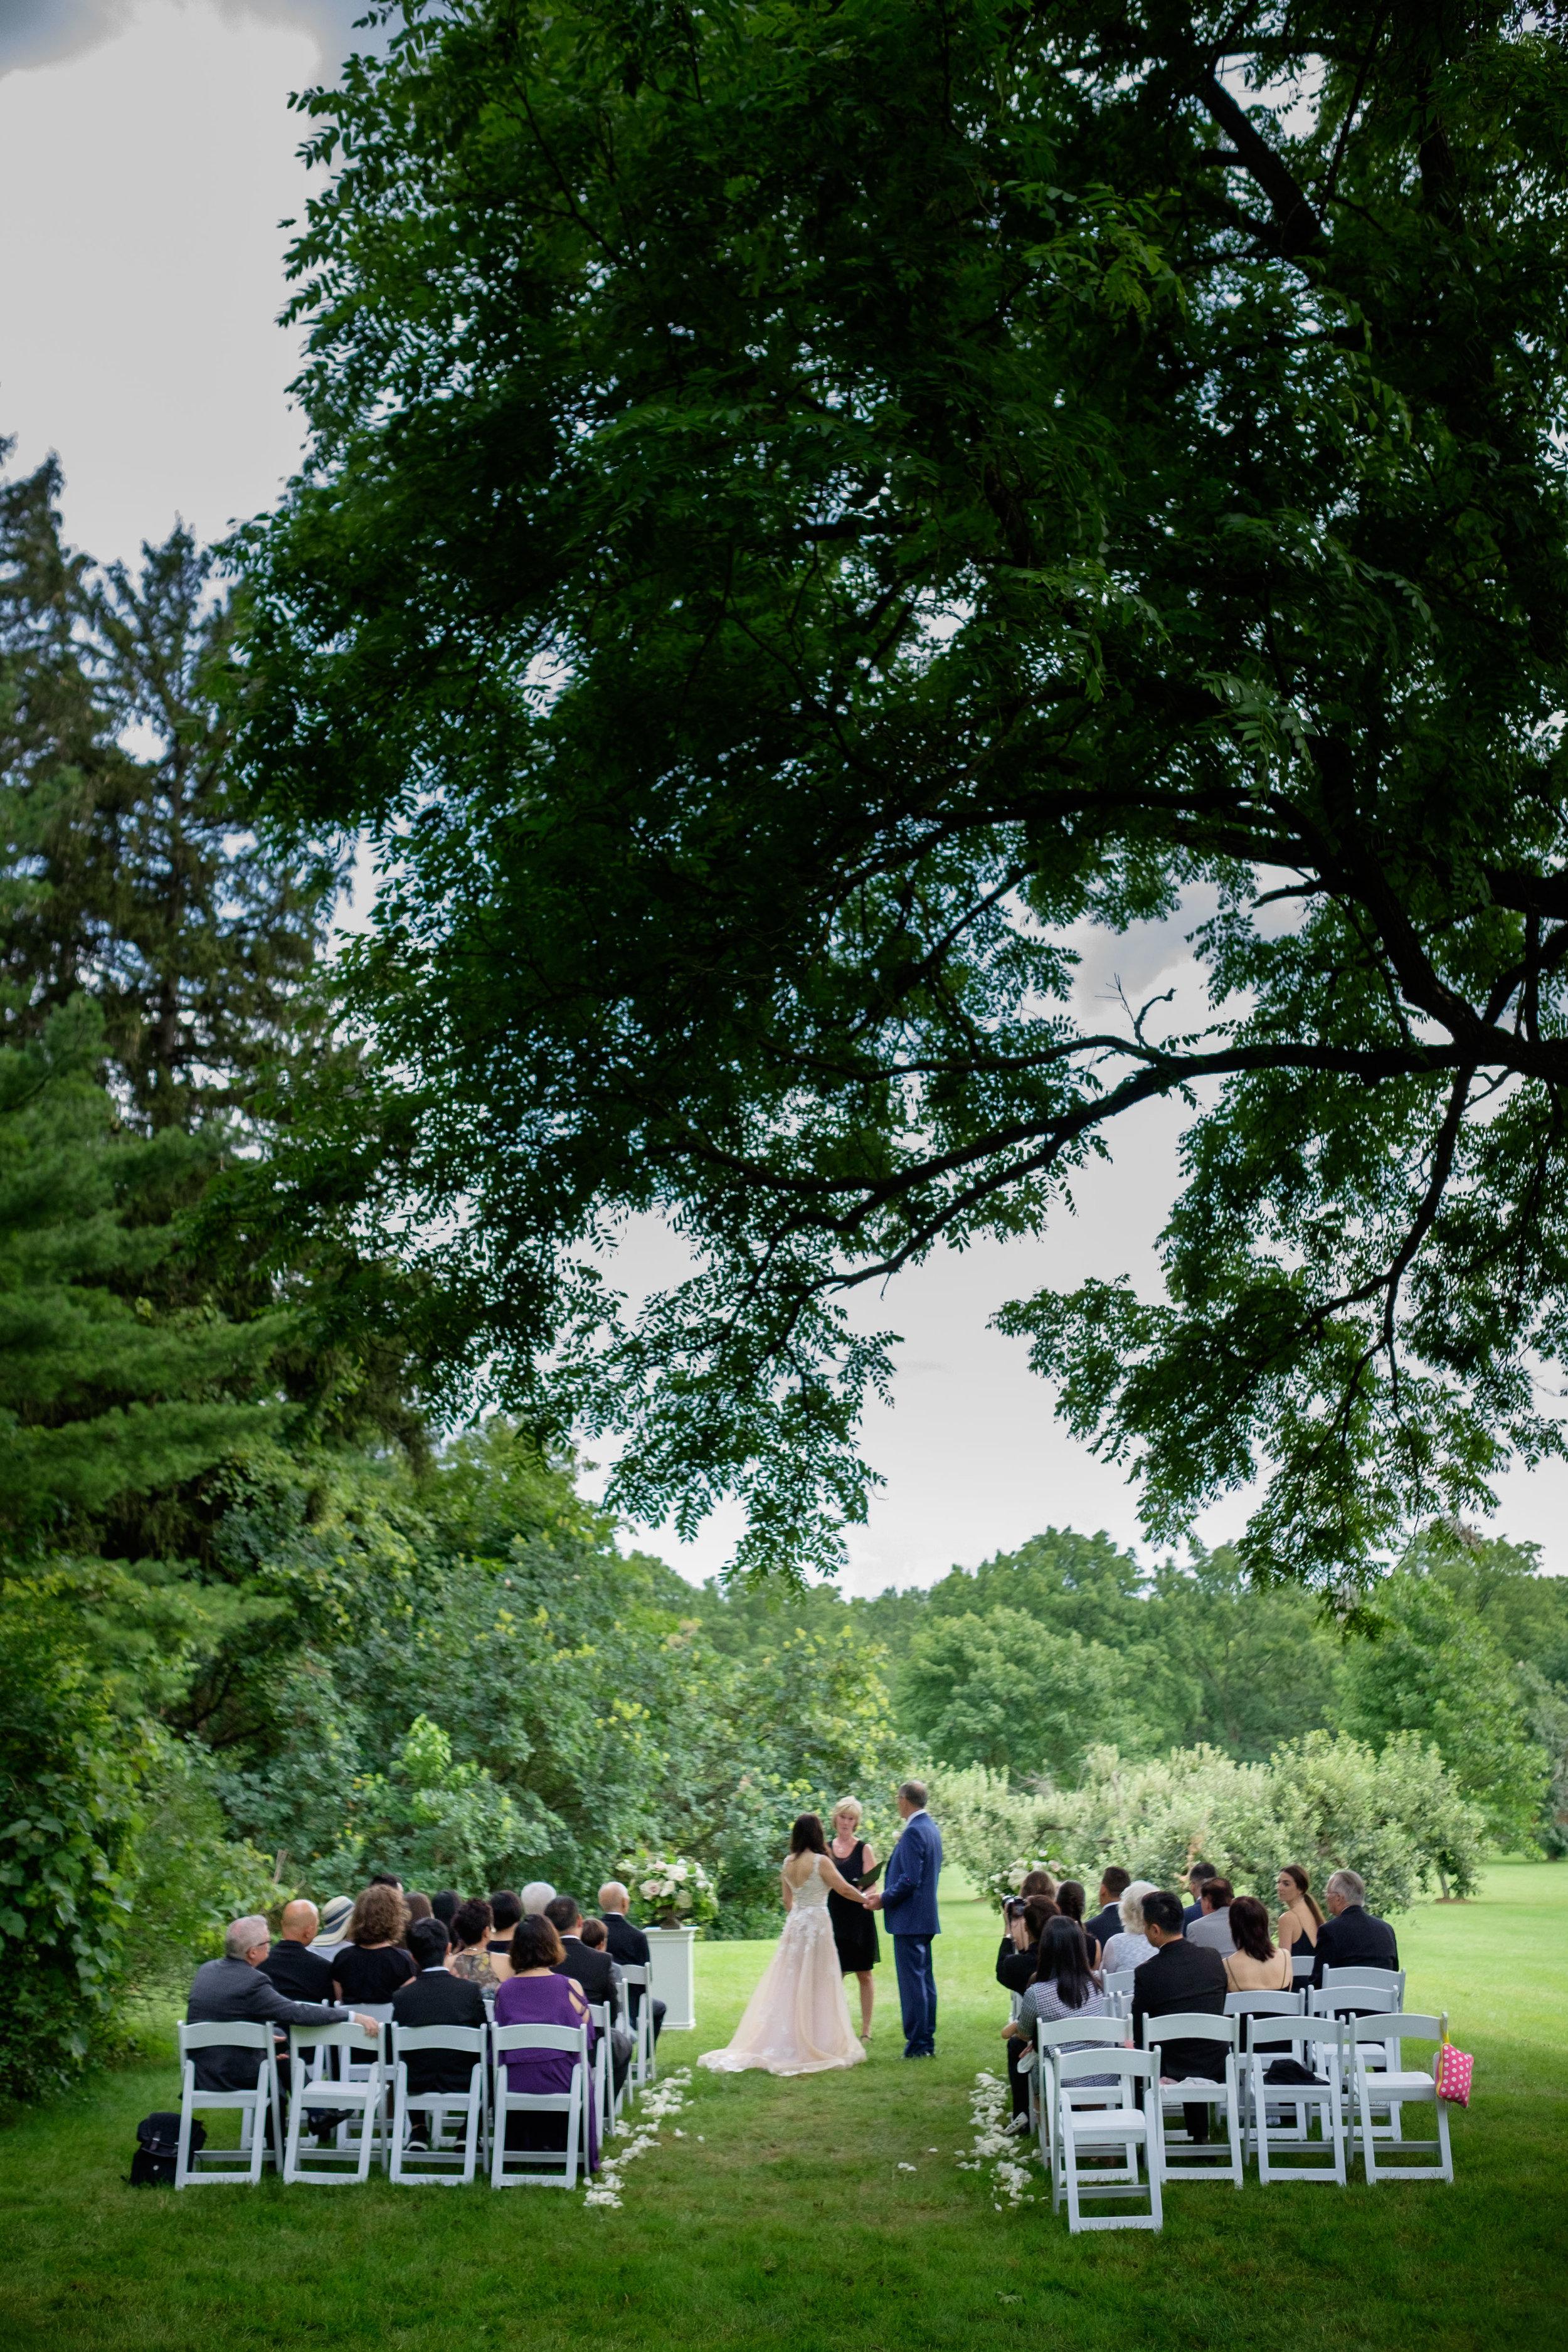 langdon-hall-orchard-outdoor-wedding.jpg